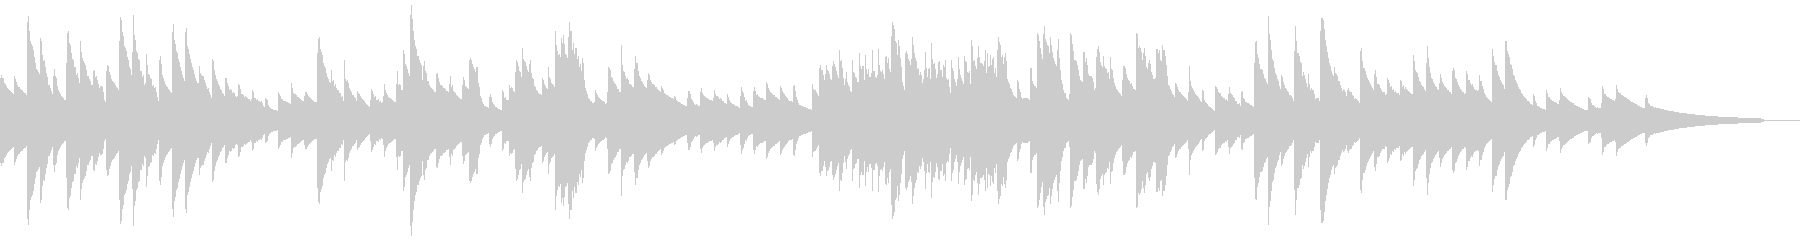 切なく優しいオルゴールの未再生の波形